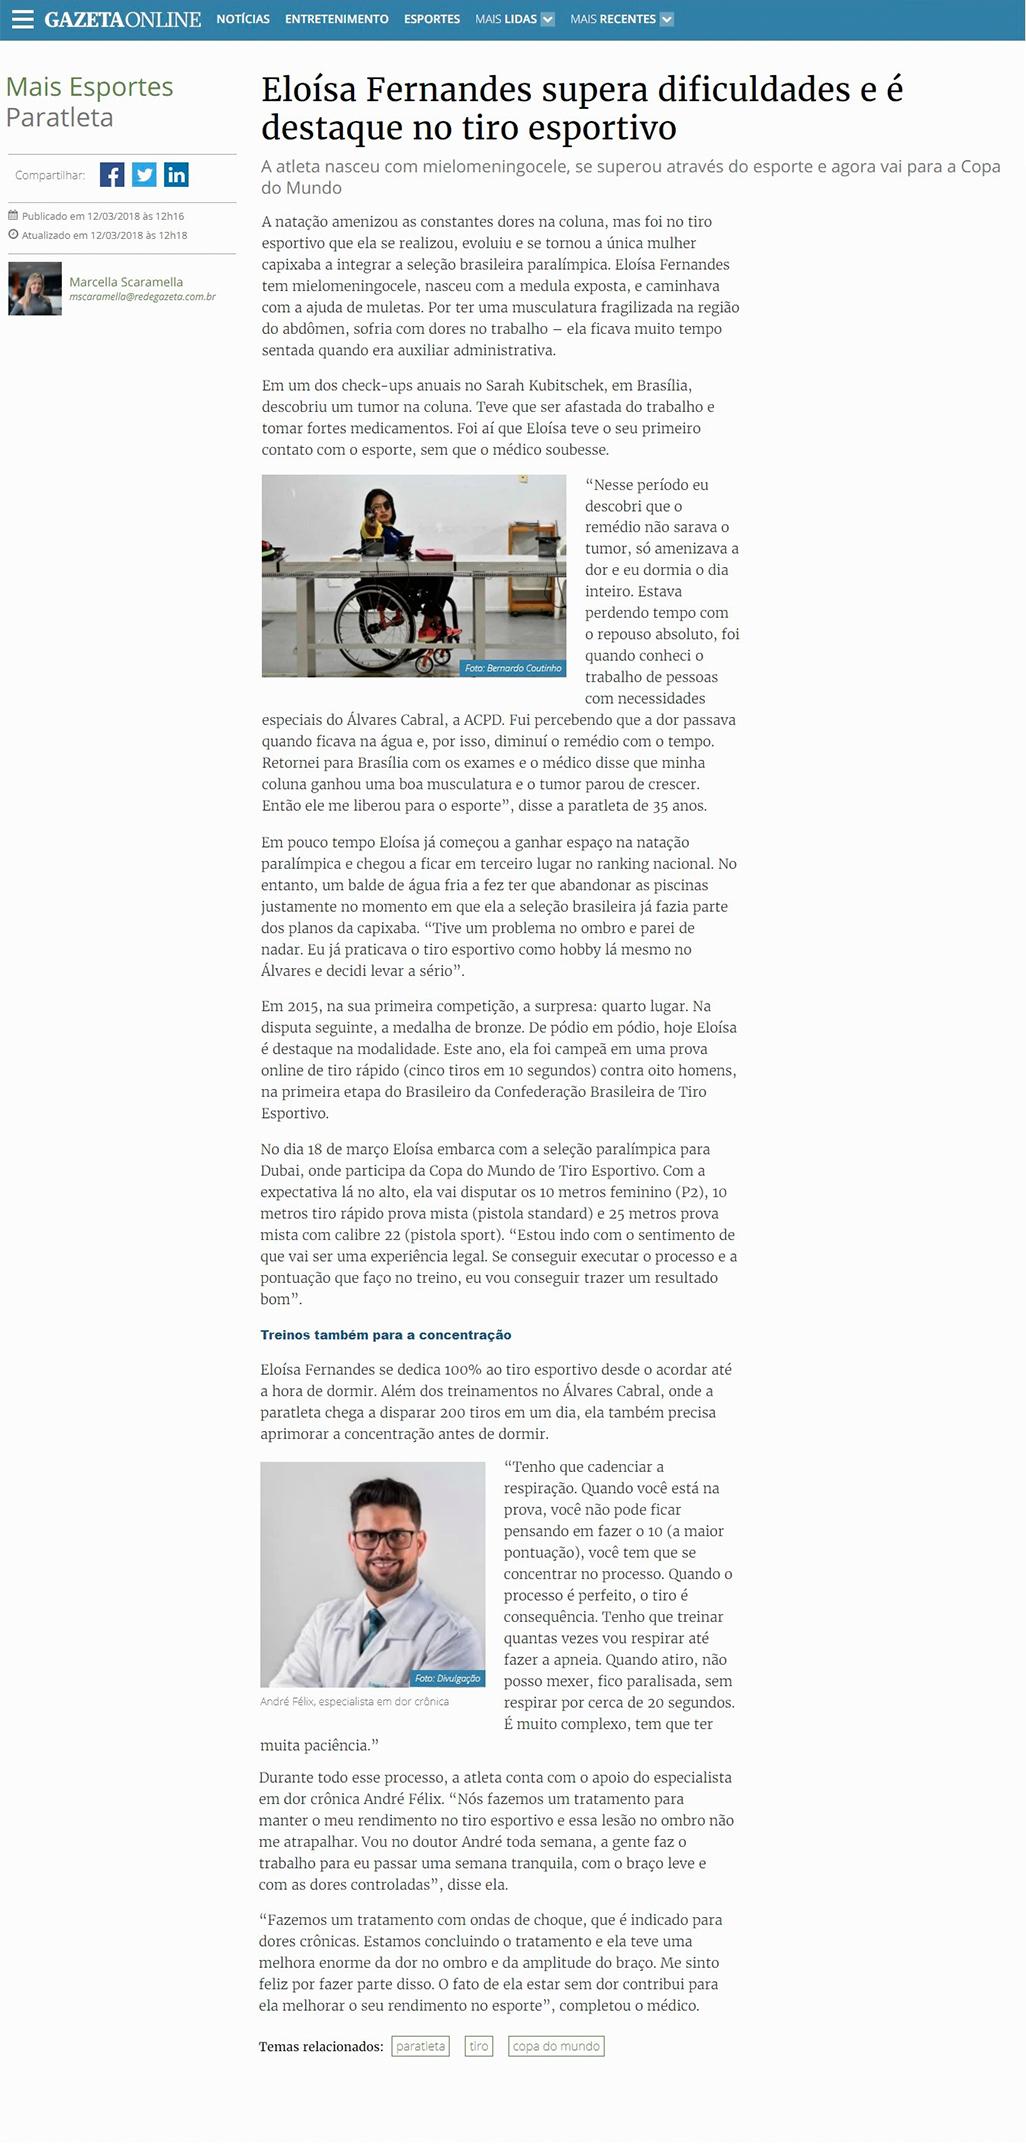 Imagem História de superação da atleta Eloísa Fernanda na revista Gazeta com participação do Dr. André Felix